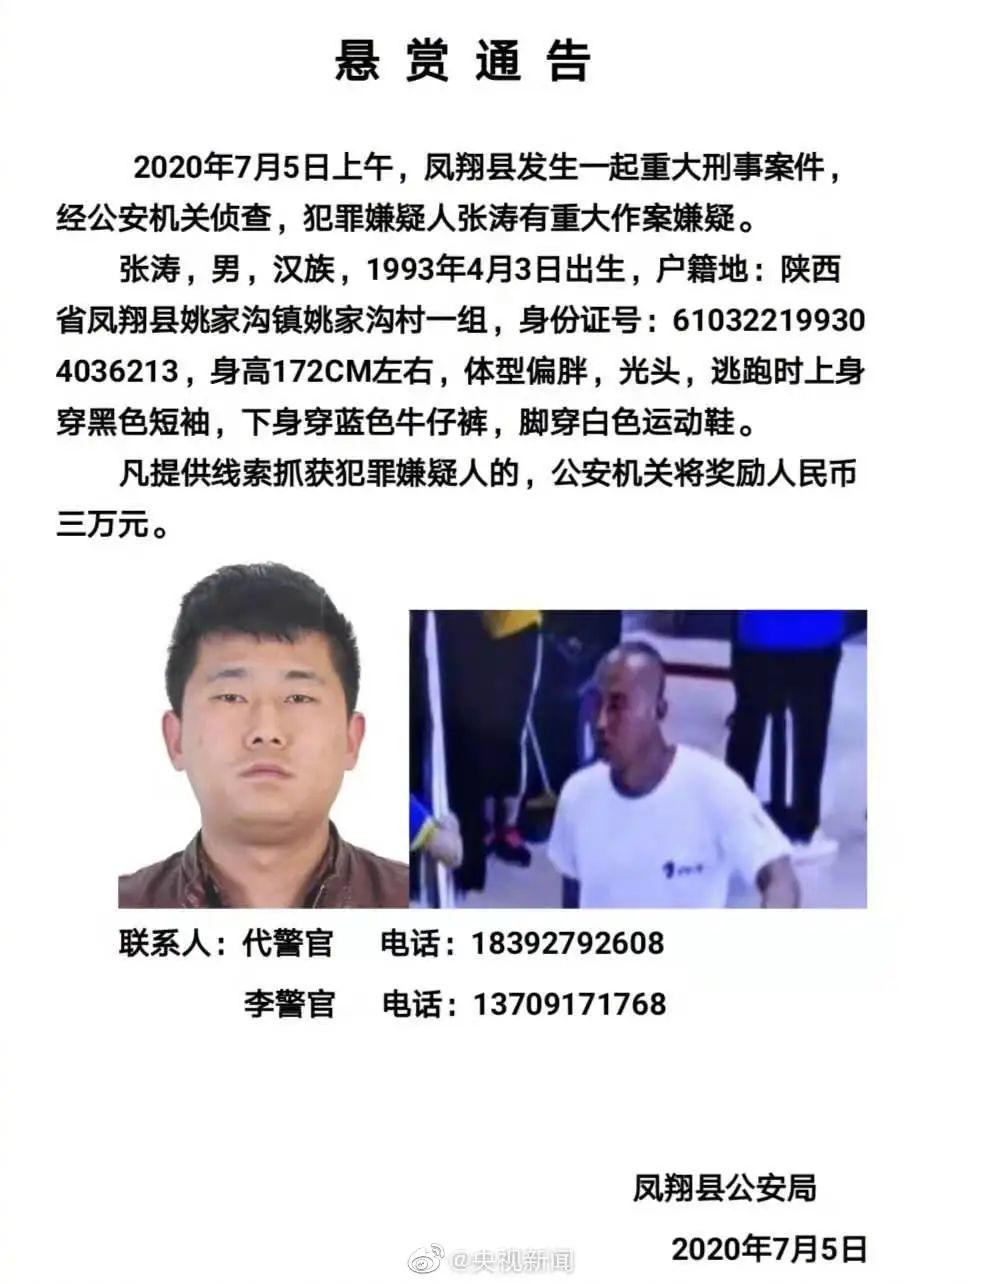 陕西发生重大刑事案件,看到此人速报警!